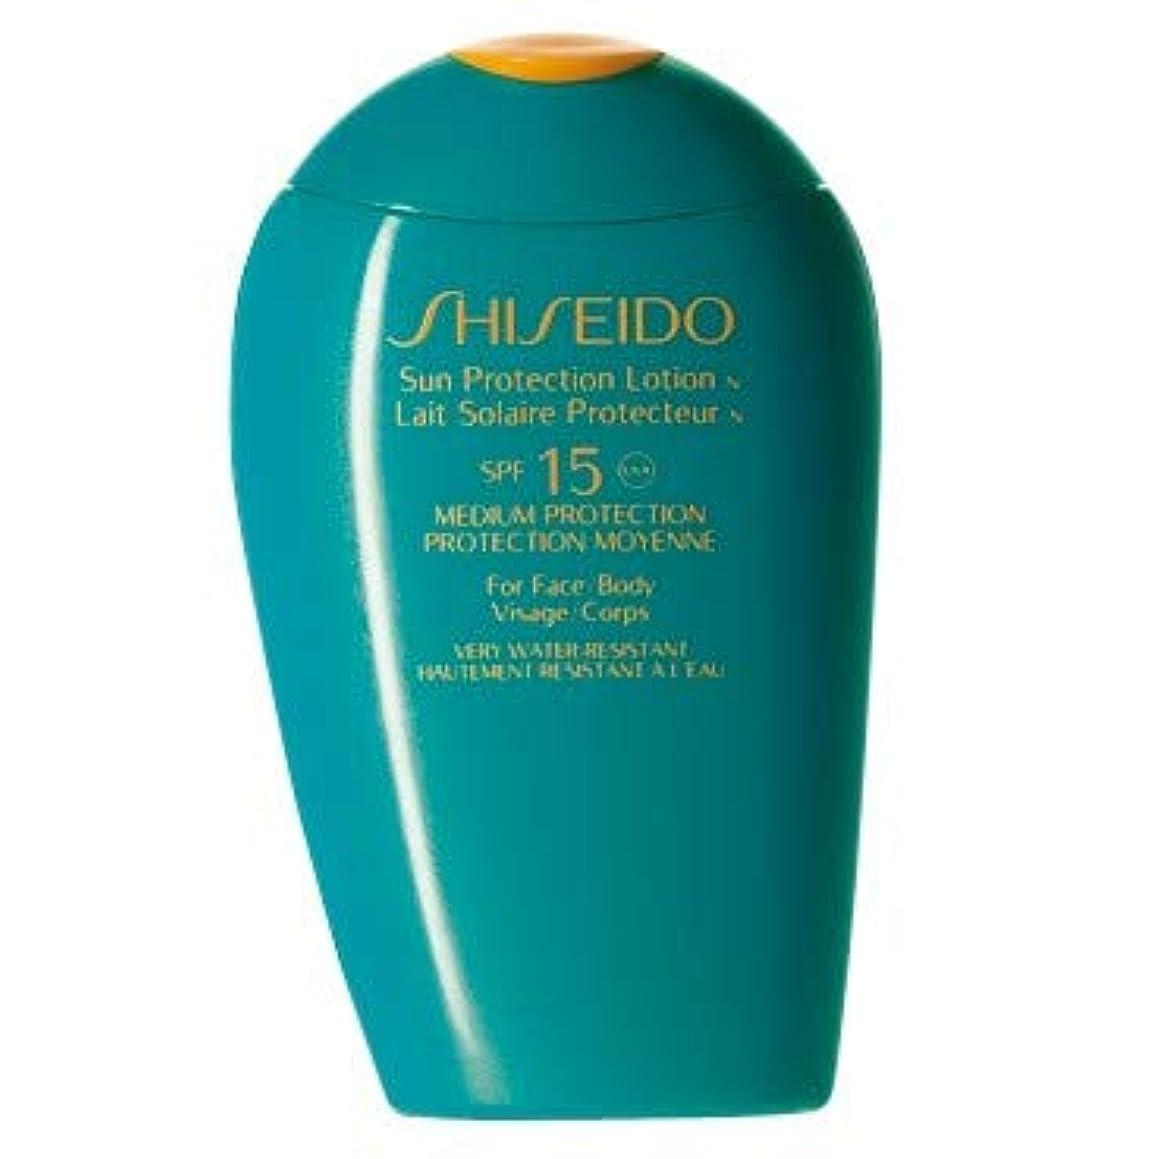 再編成する没頭する取り出す[Shiseido] 資生堂日焼け止めローションSpf15 N個の150ミリリットル - Shiseido Sun Protection Lotion N Spf15 150ml [並行輸入品]